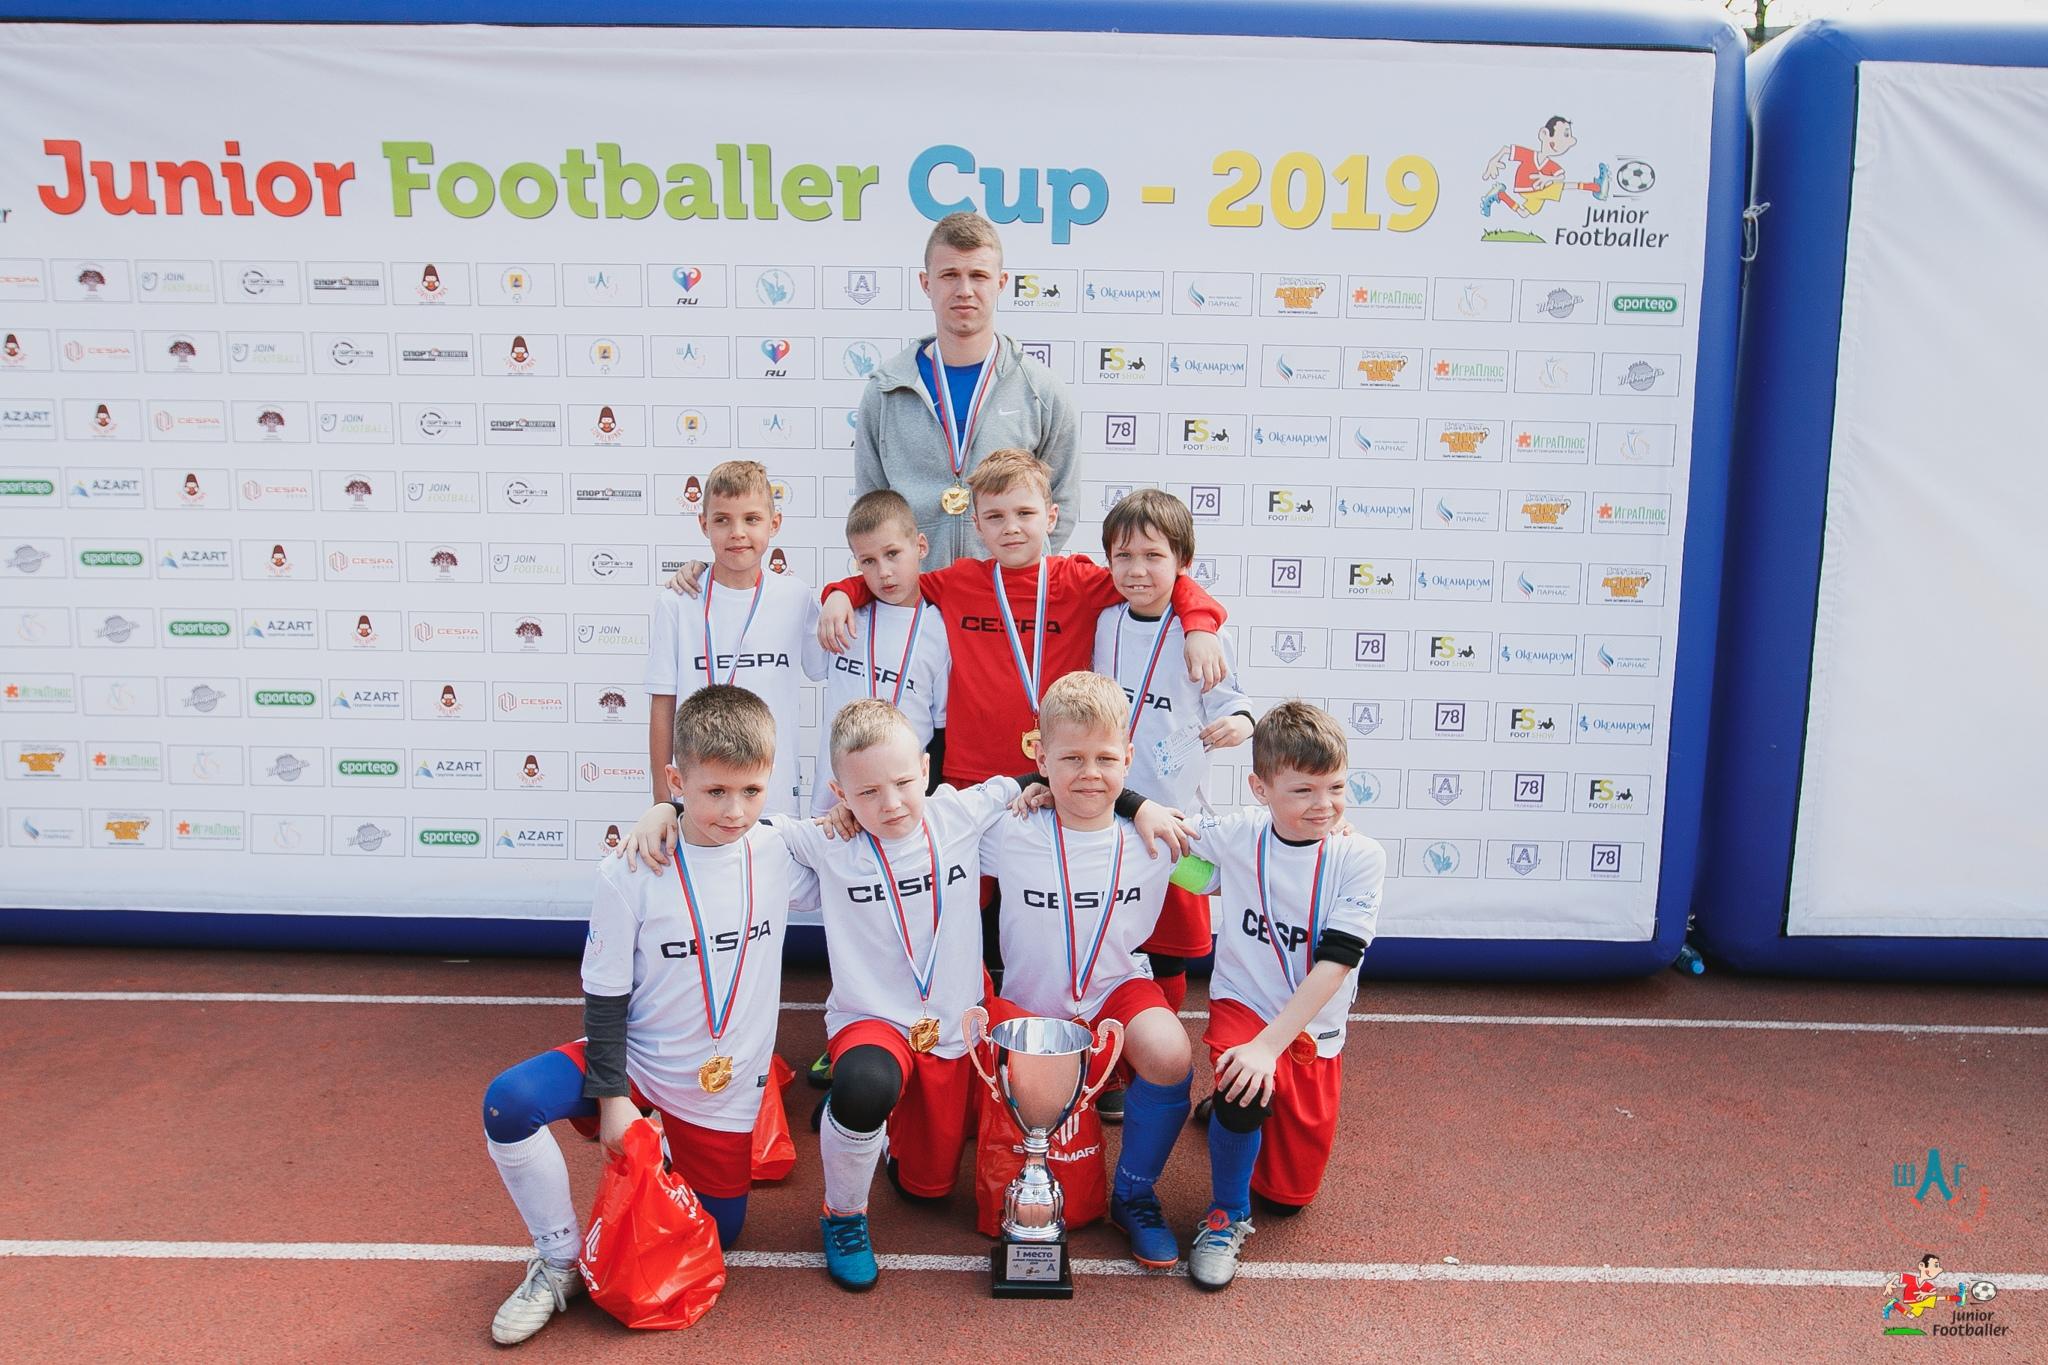 Детского турнира по футболу Junior Footballer Cup 2019